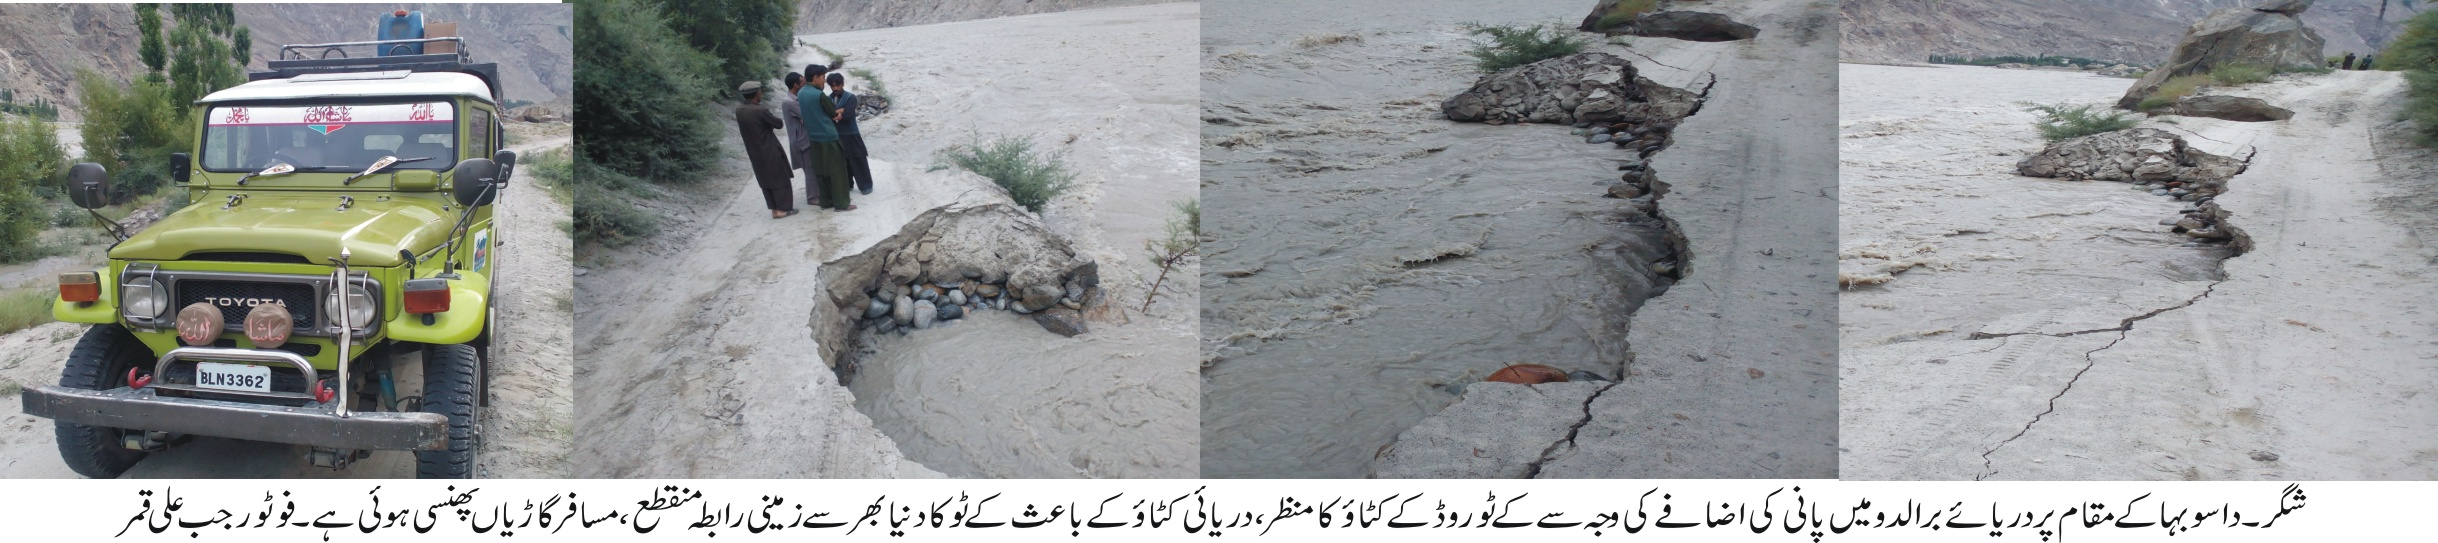 دریائے برالدو کی طوفانی لہروں نے شاہراہ کے ٹو کا دنیا سے زمینی رابطہ منقطع کردیا